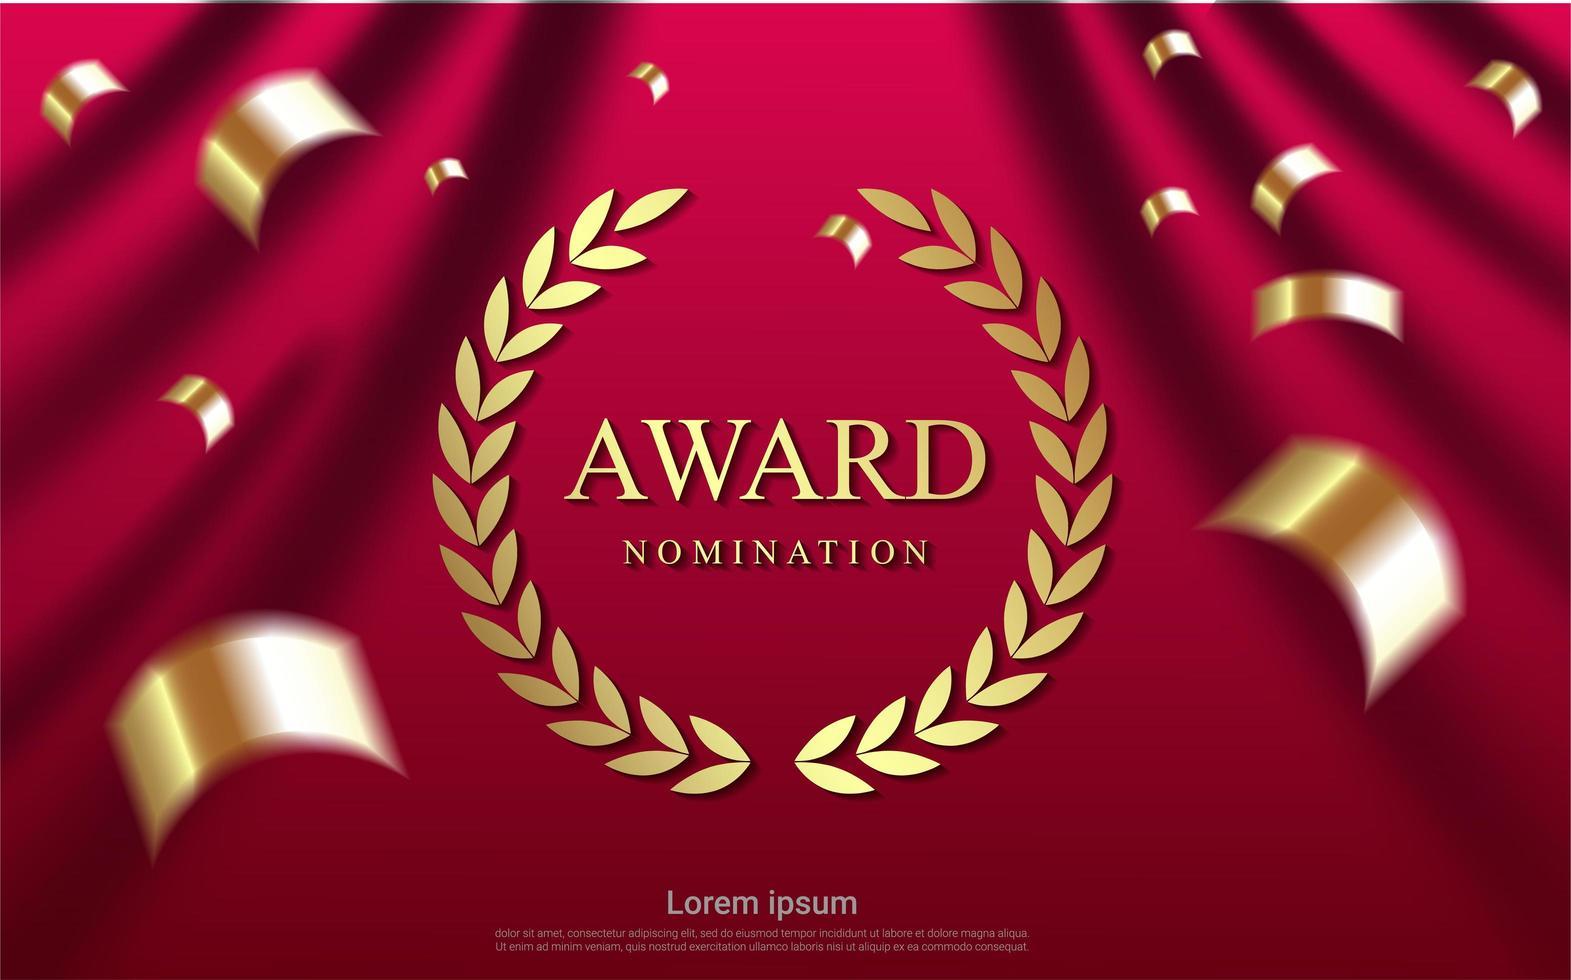 design de nomeação de prêmio r com confetes dourados vetor